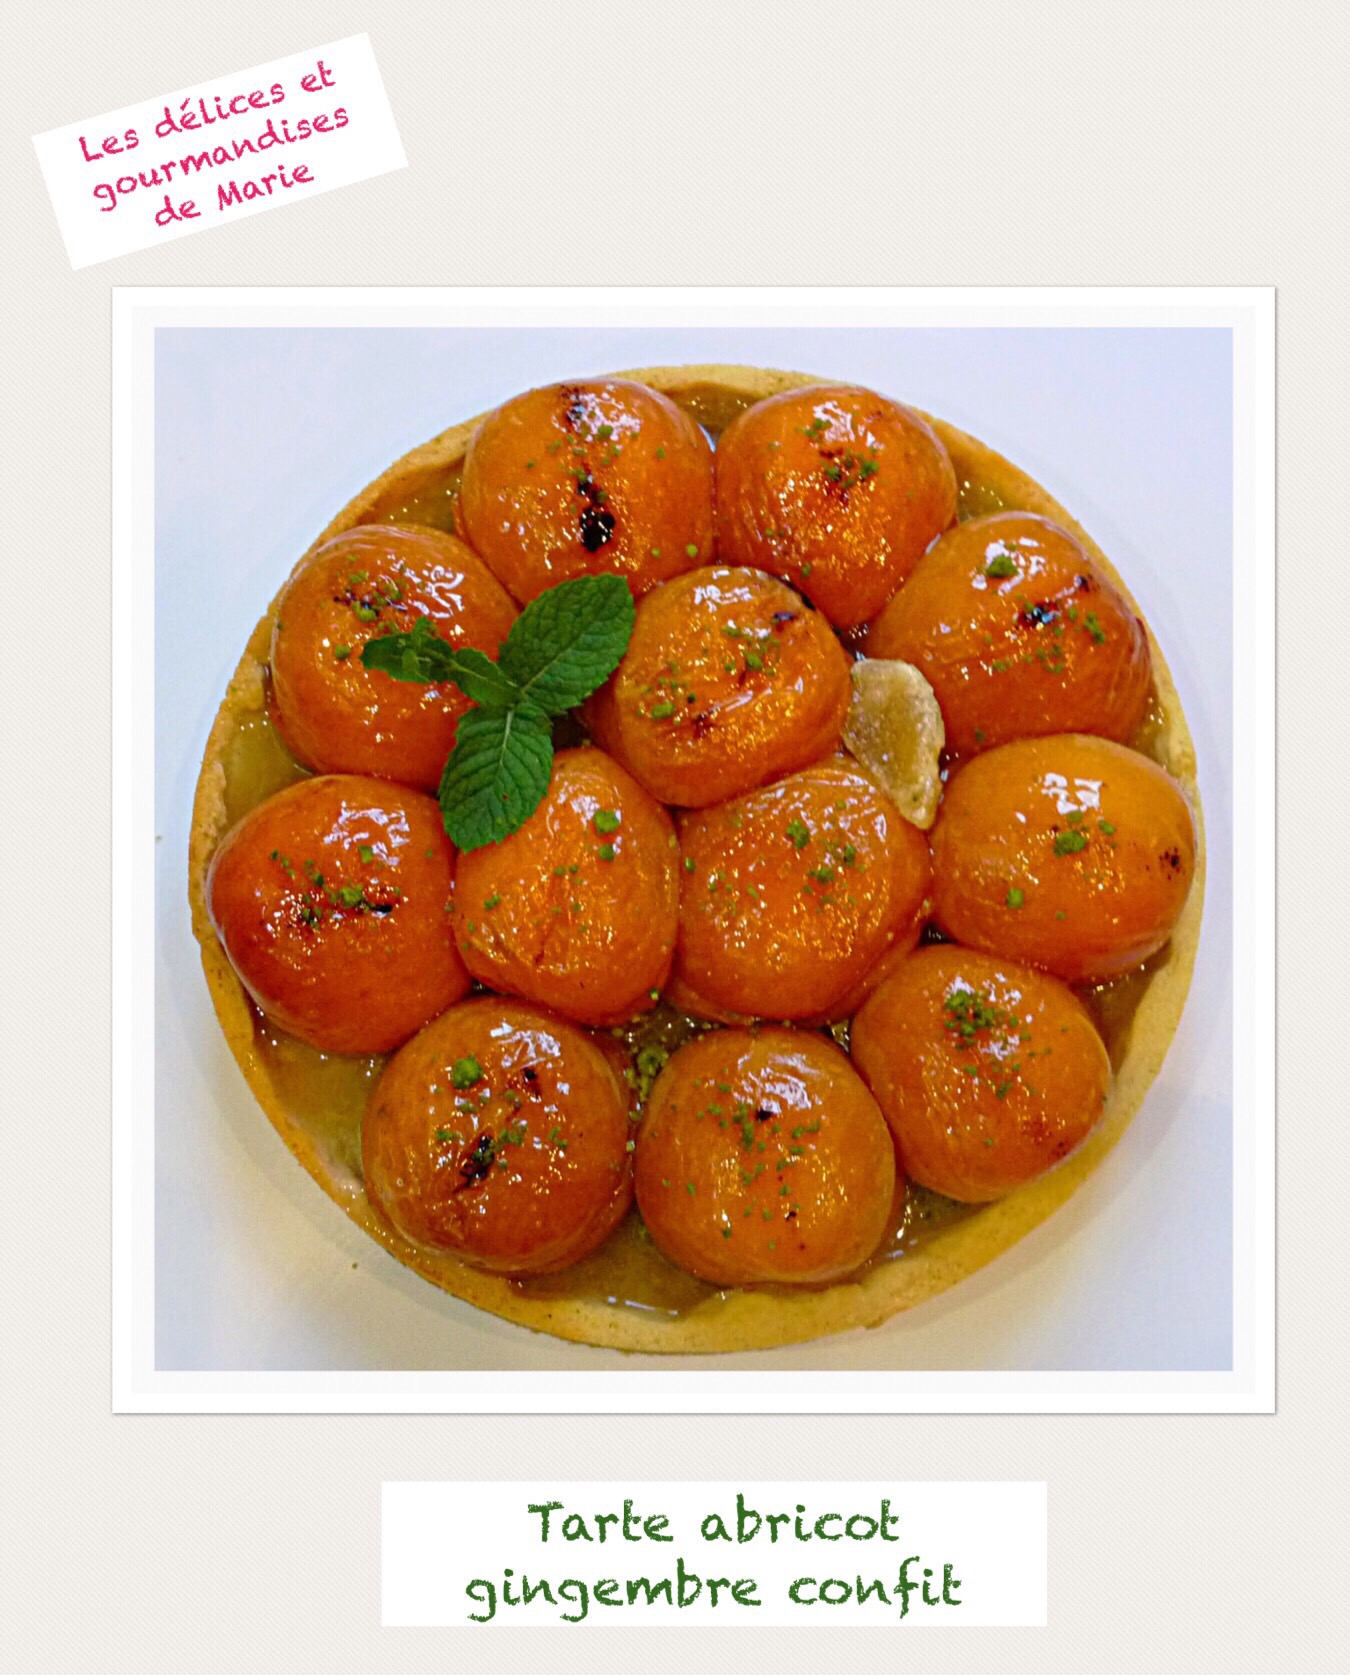 Tarte abricot gingembre confit